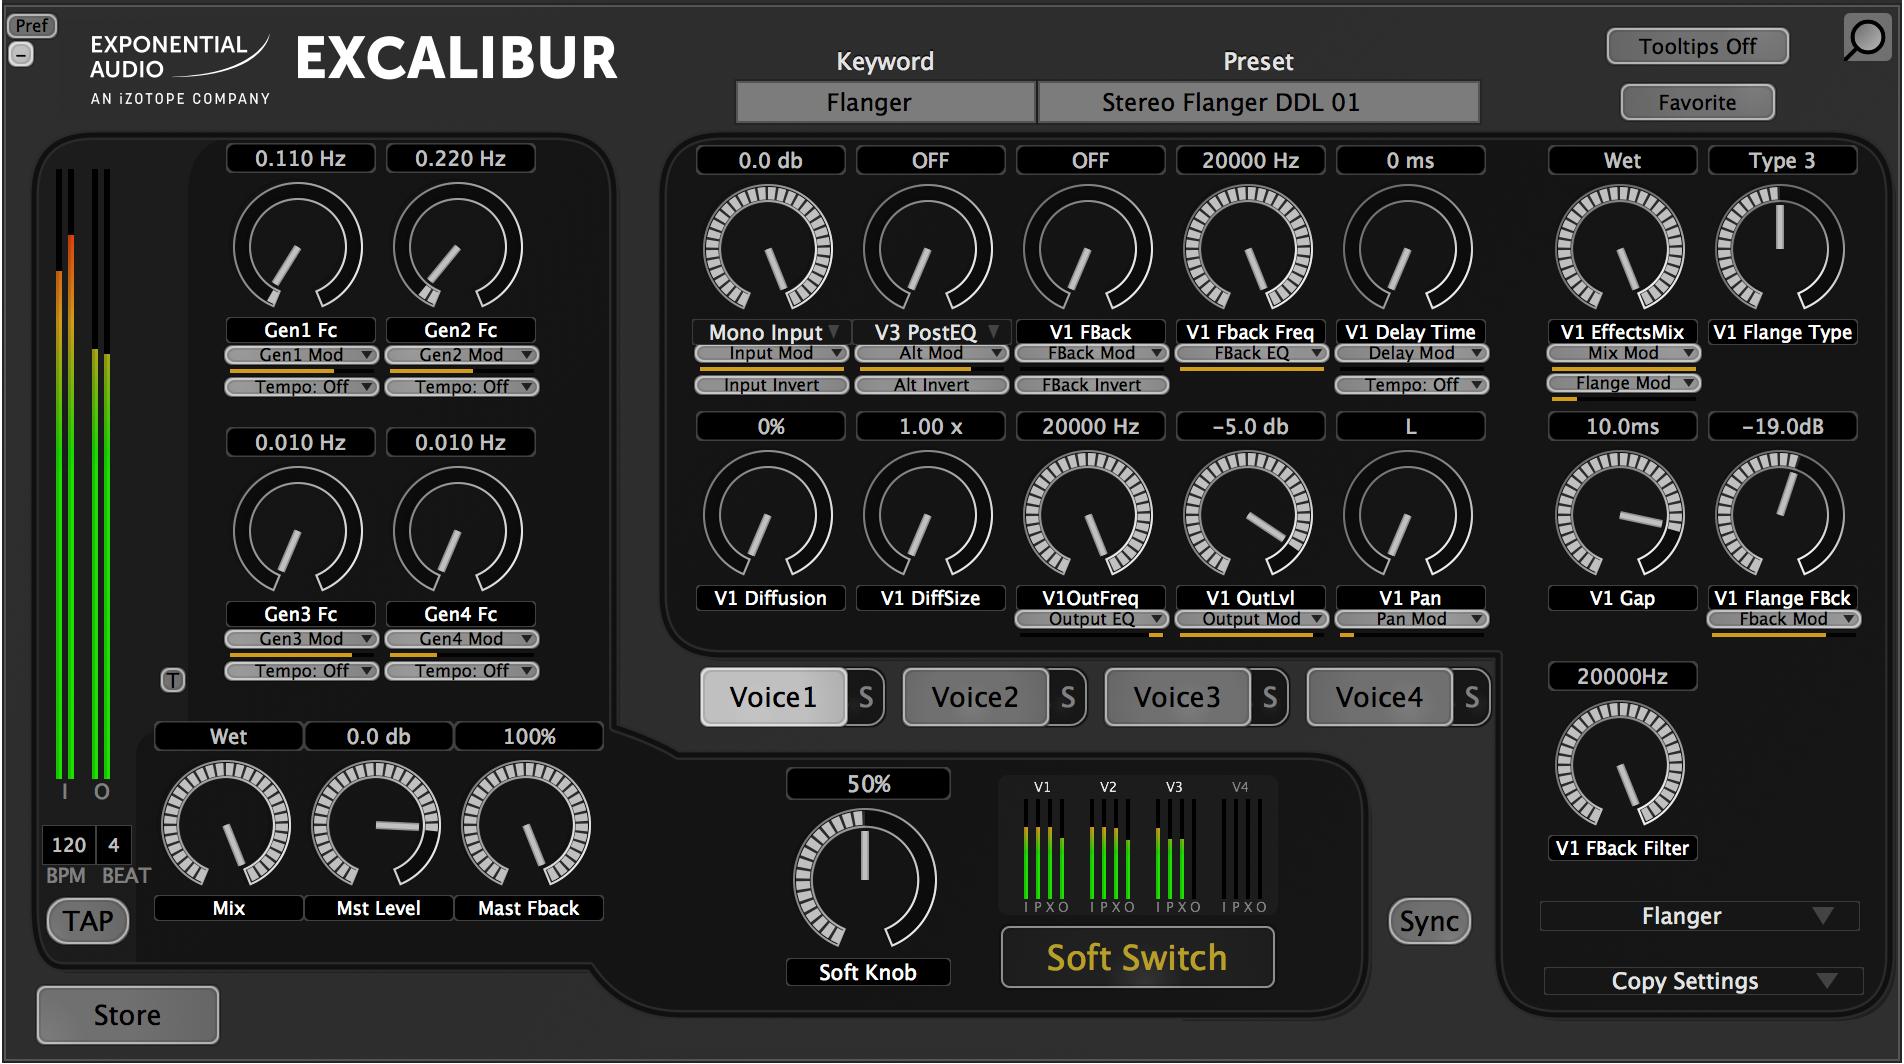 [VST/Musik/Software] Exponential Audio / IZotope Excalibur